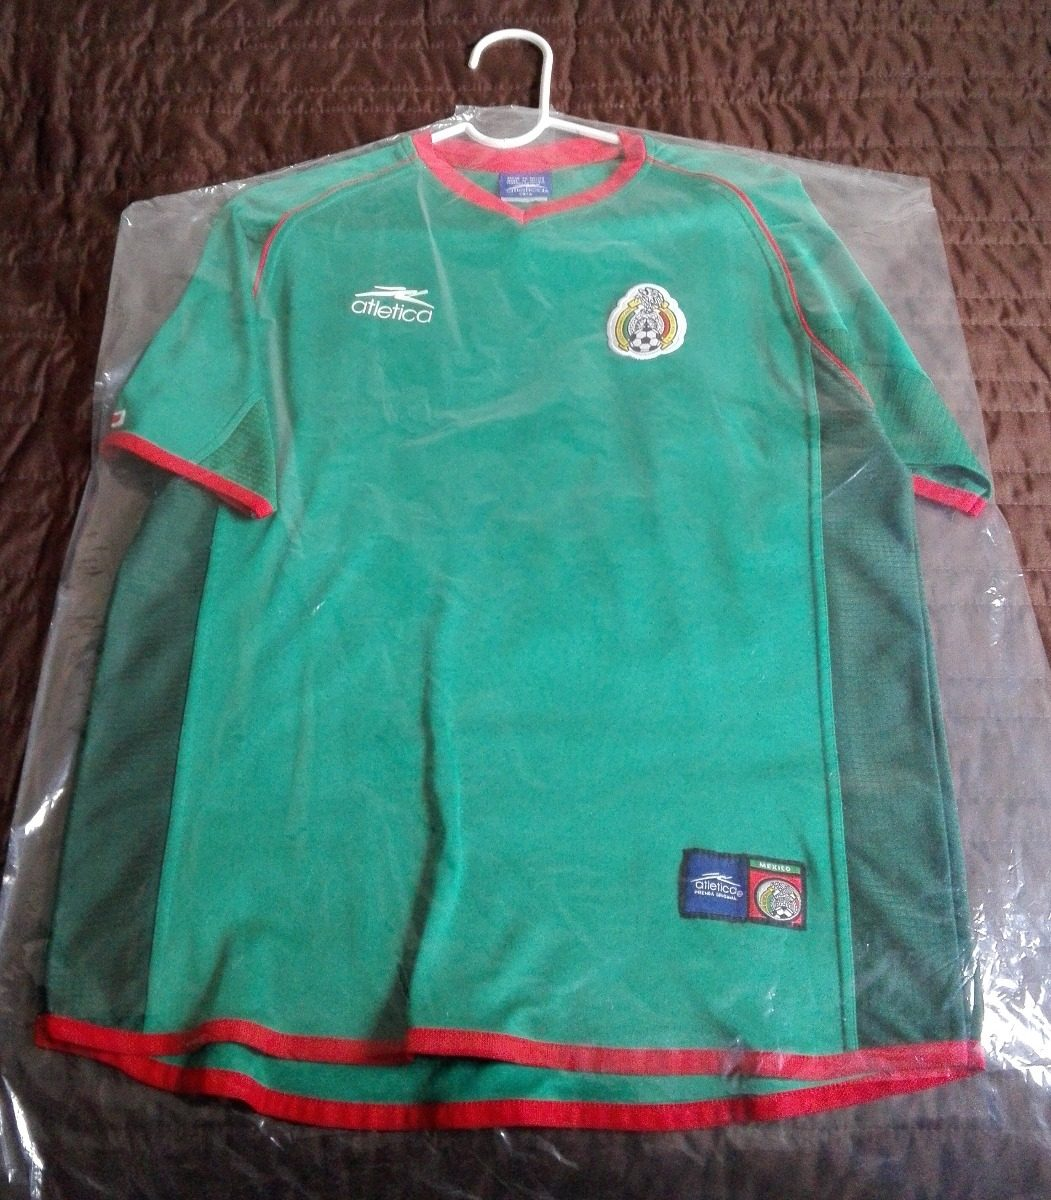 072b06a7cec6e jersey méxico selección mexicana de fútbol mundial 2002. Cargando zoom.